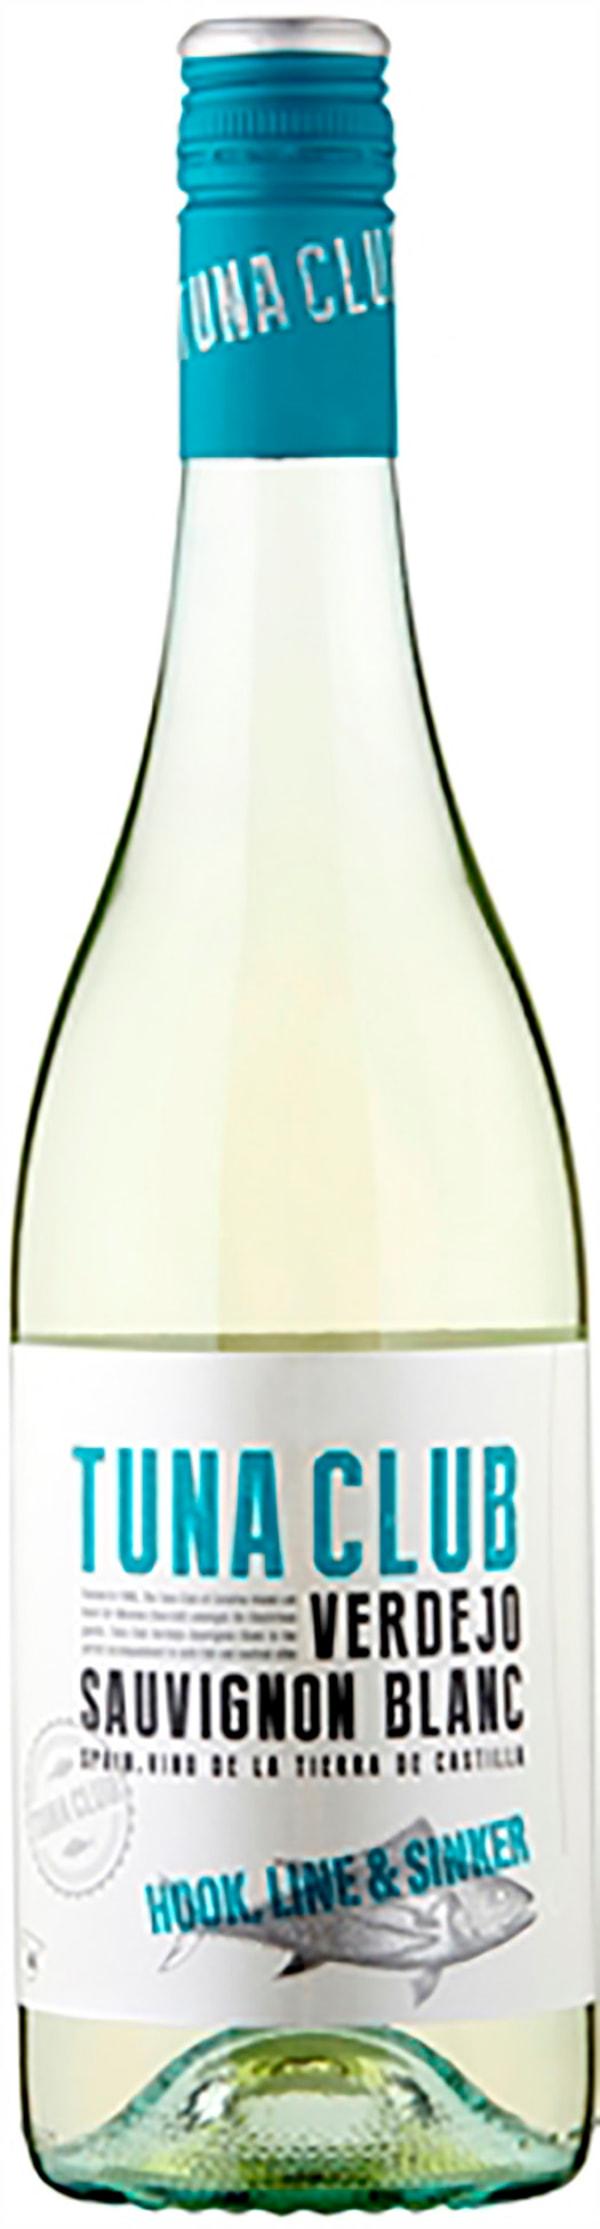 Tuna Club Verdejo Sauvignon Blanc 2017